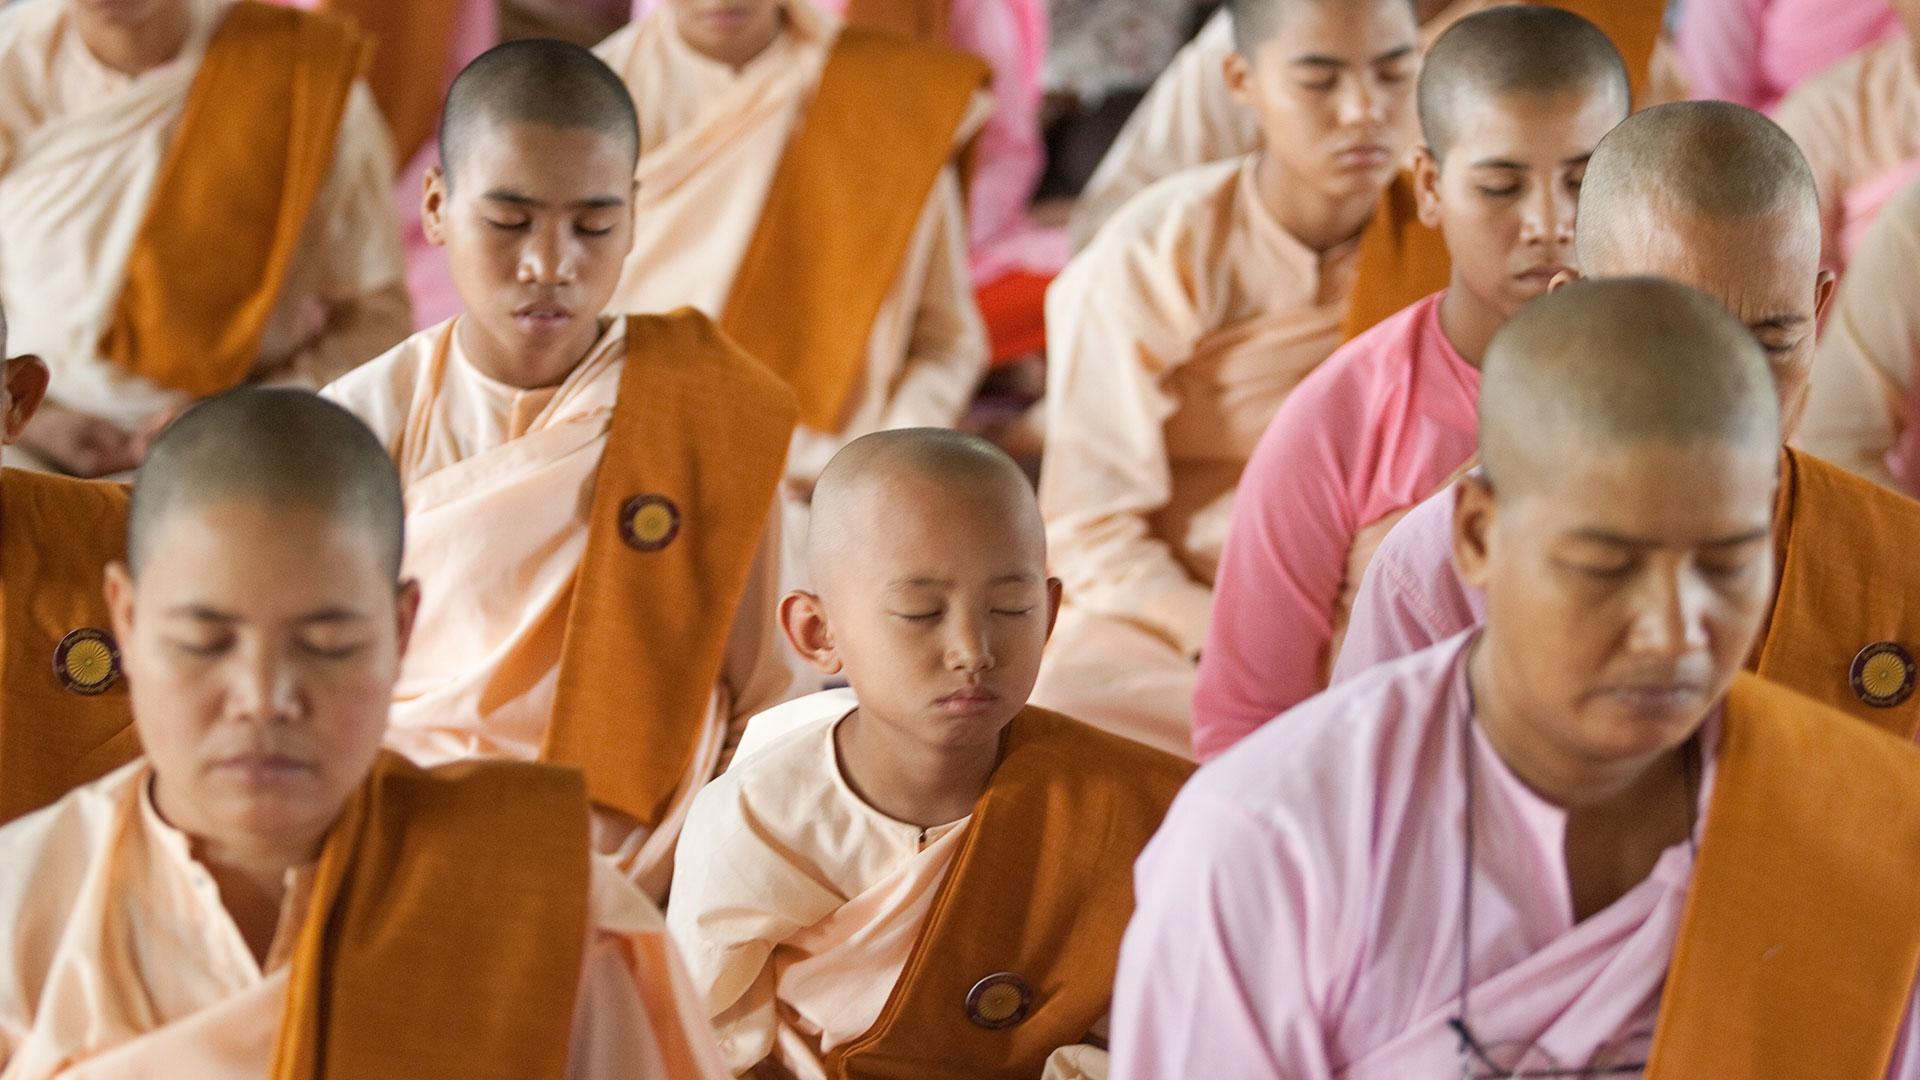 Buddhist nuns in Myanmar